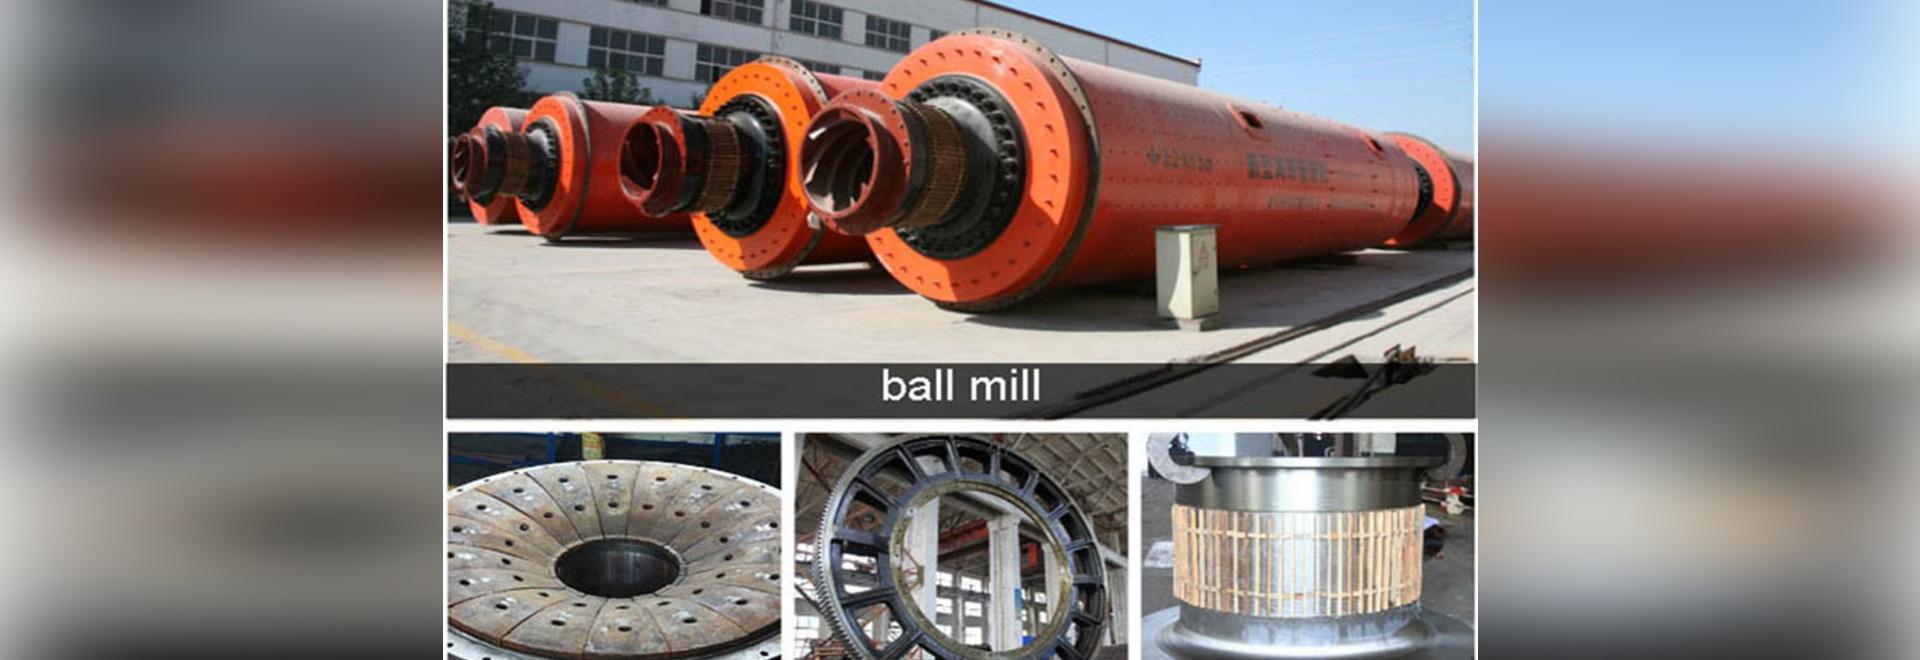 molino de bolas y fundición de acero